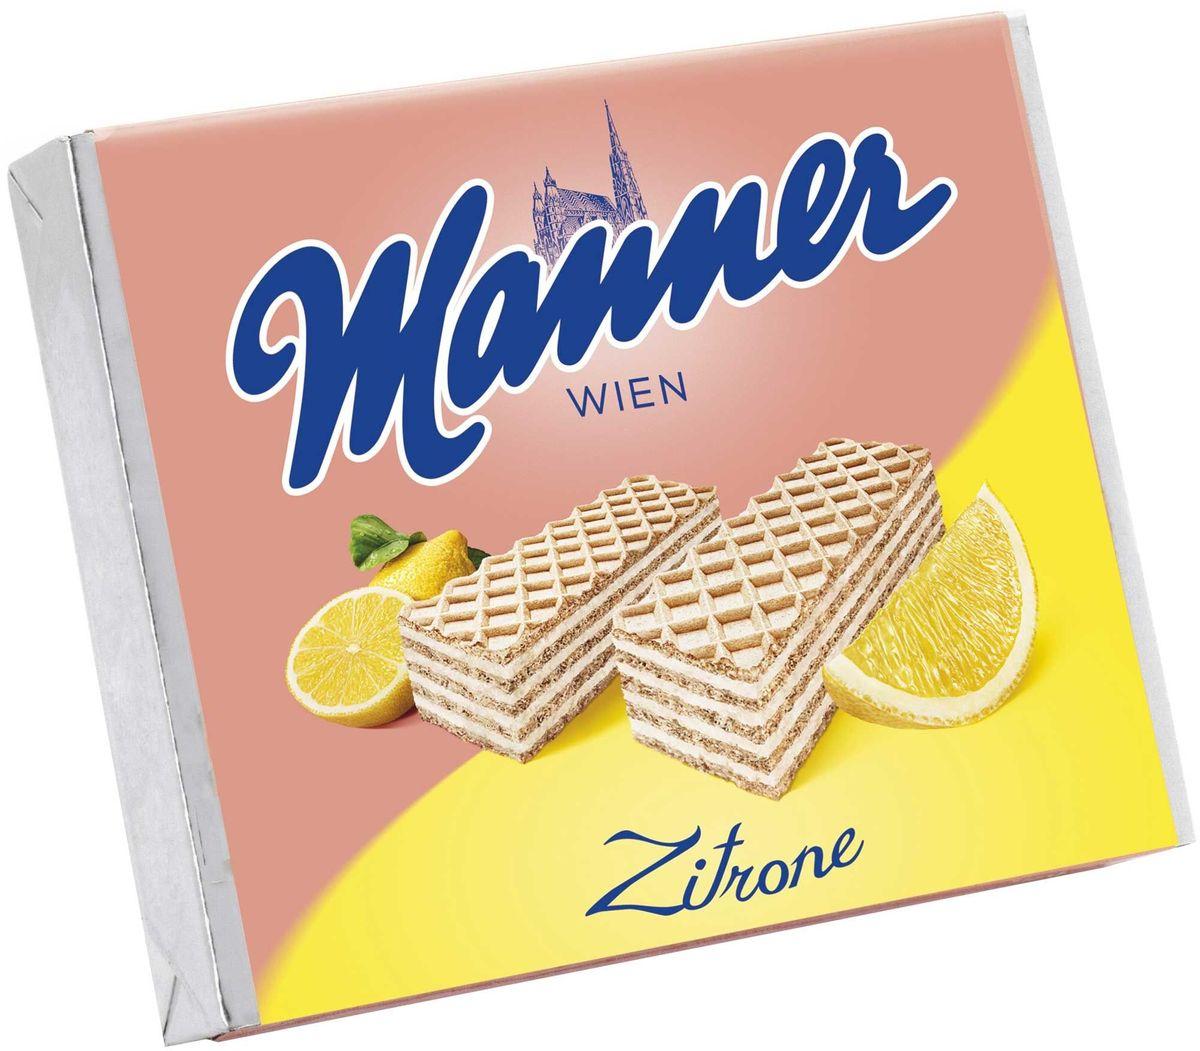 Manner вафли с лимонным кремом, 75 гидж002Josef Manner and Comp - крупнейший в Австрии производитель вафель. Кондитерская продукция высшего качества. Вкус Вены - Собор Святого Стефана на упаковке - зарегистрированная торговая марка. Фирменный цвет компании розовый. Производится только в Австрии. Контроль процесса от выращивания какао бобов до шоколадной плитки. Оригинальные рецепты. Уникальный и узнаваемый вкус.Уважаемые клиенты! Обращаем ваше внимание на то, что упаковка может иметь несколько видов дизайна. Поставка осуществляется в зависимости от наличия на складе.